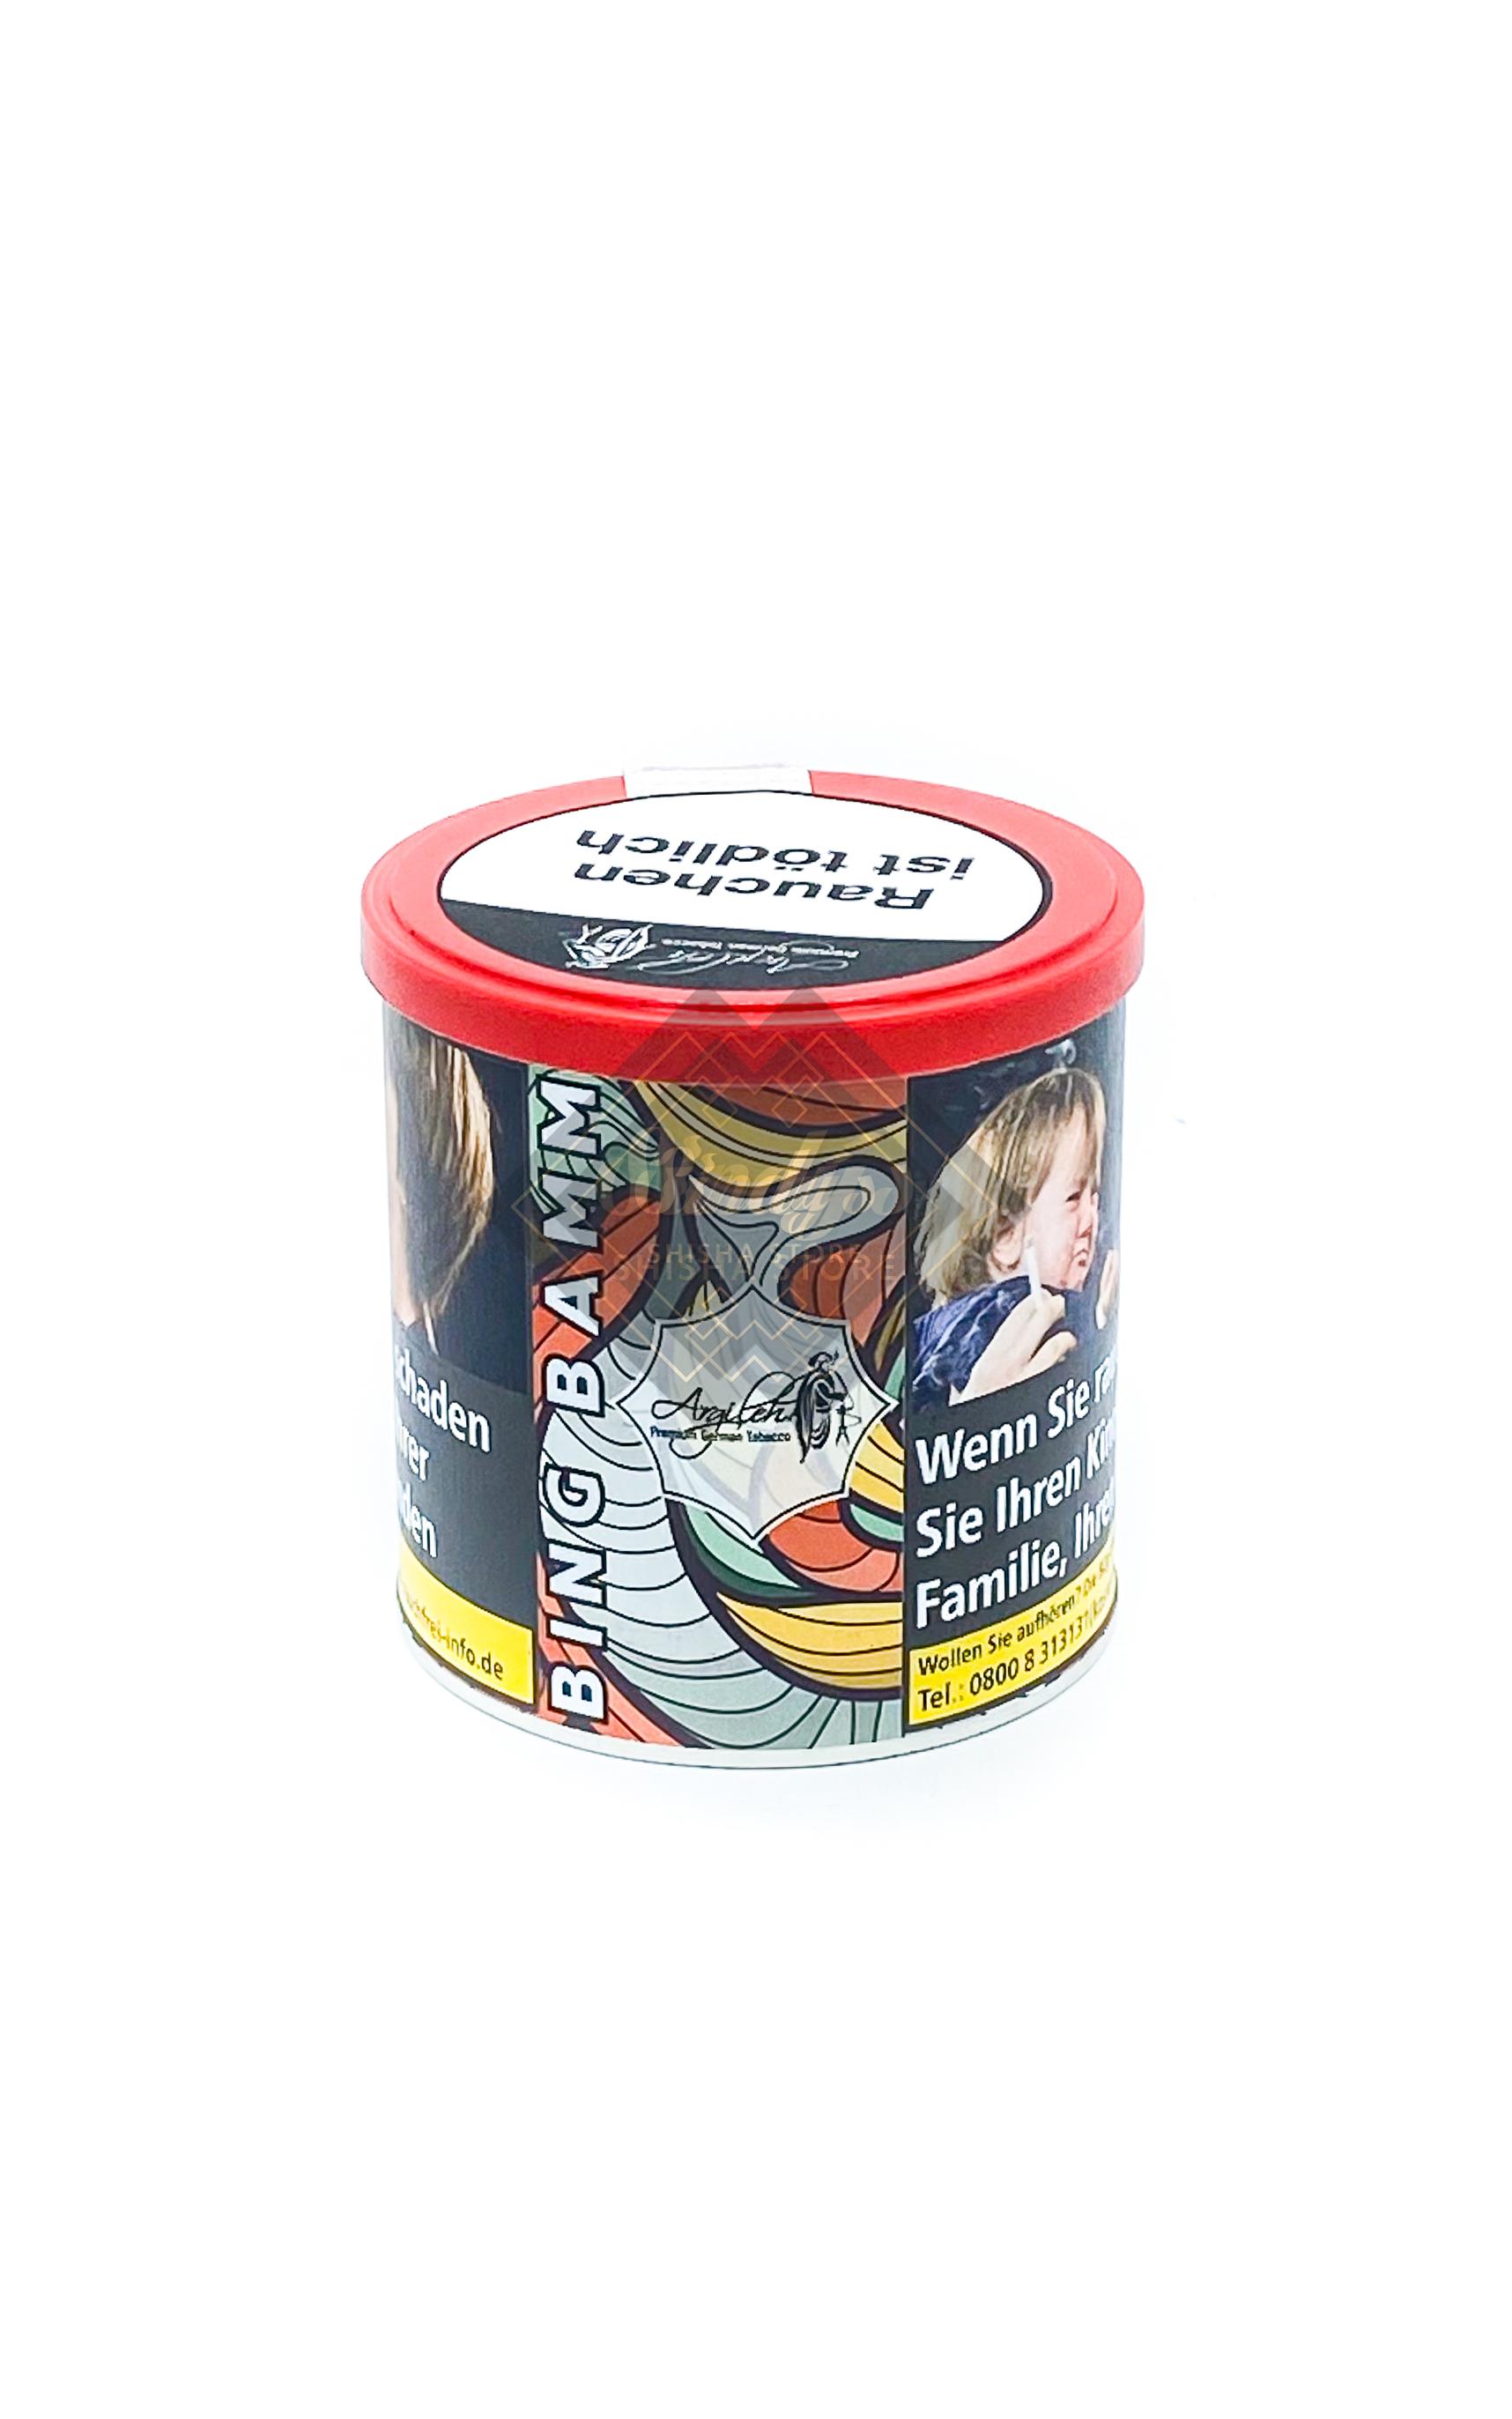 Argileh Tobacco 200g - Bing Bamm